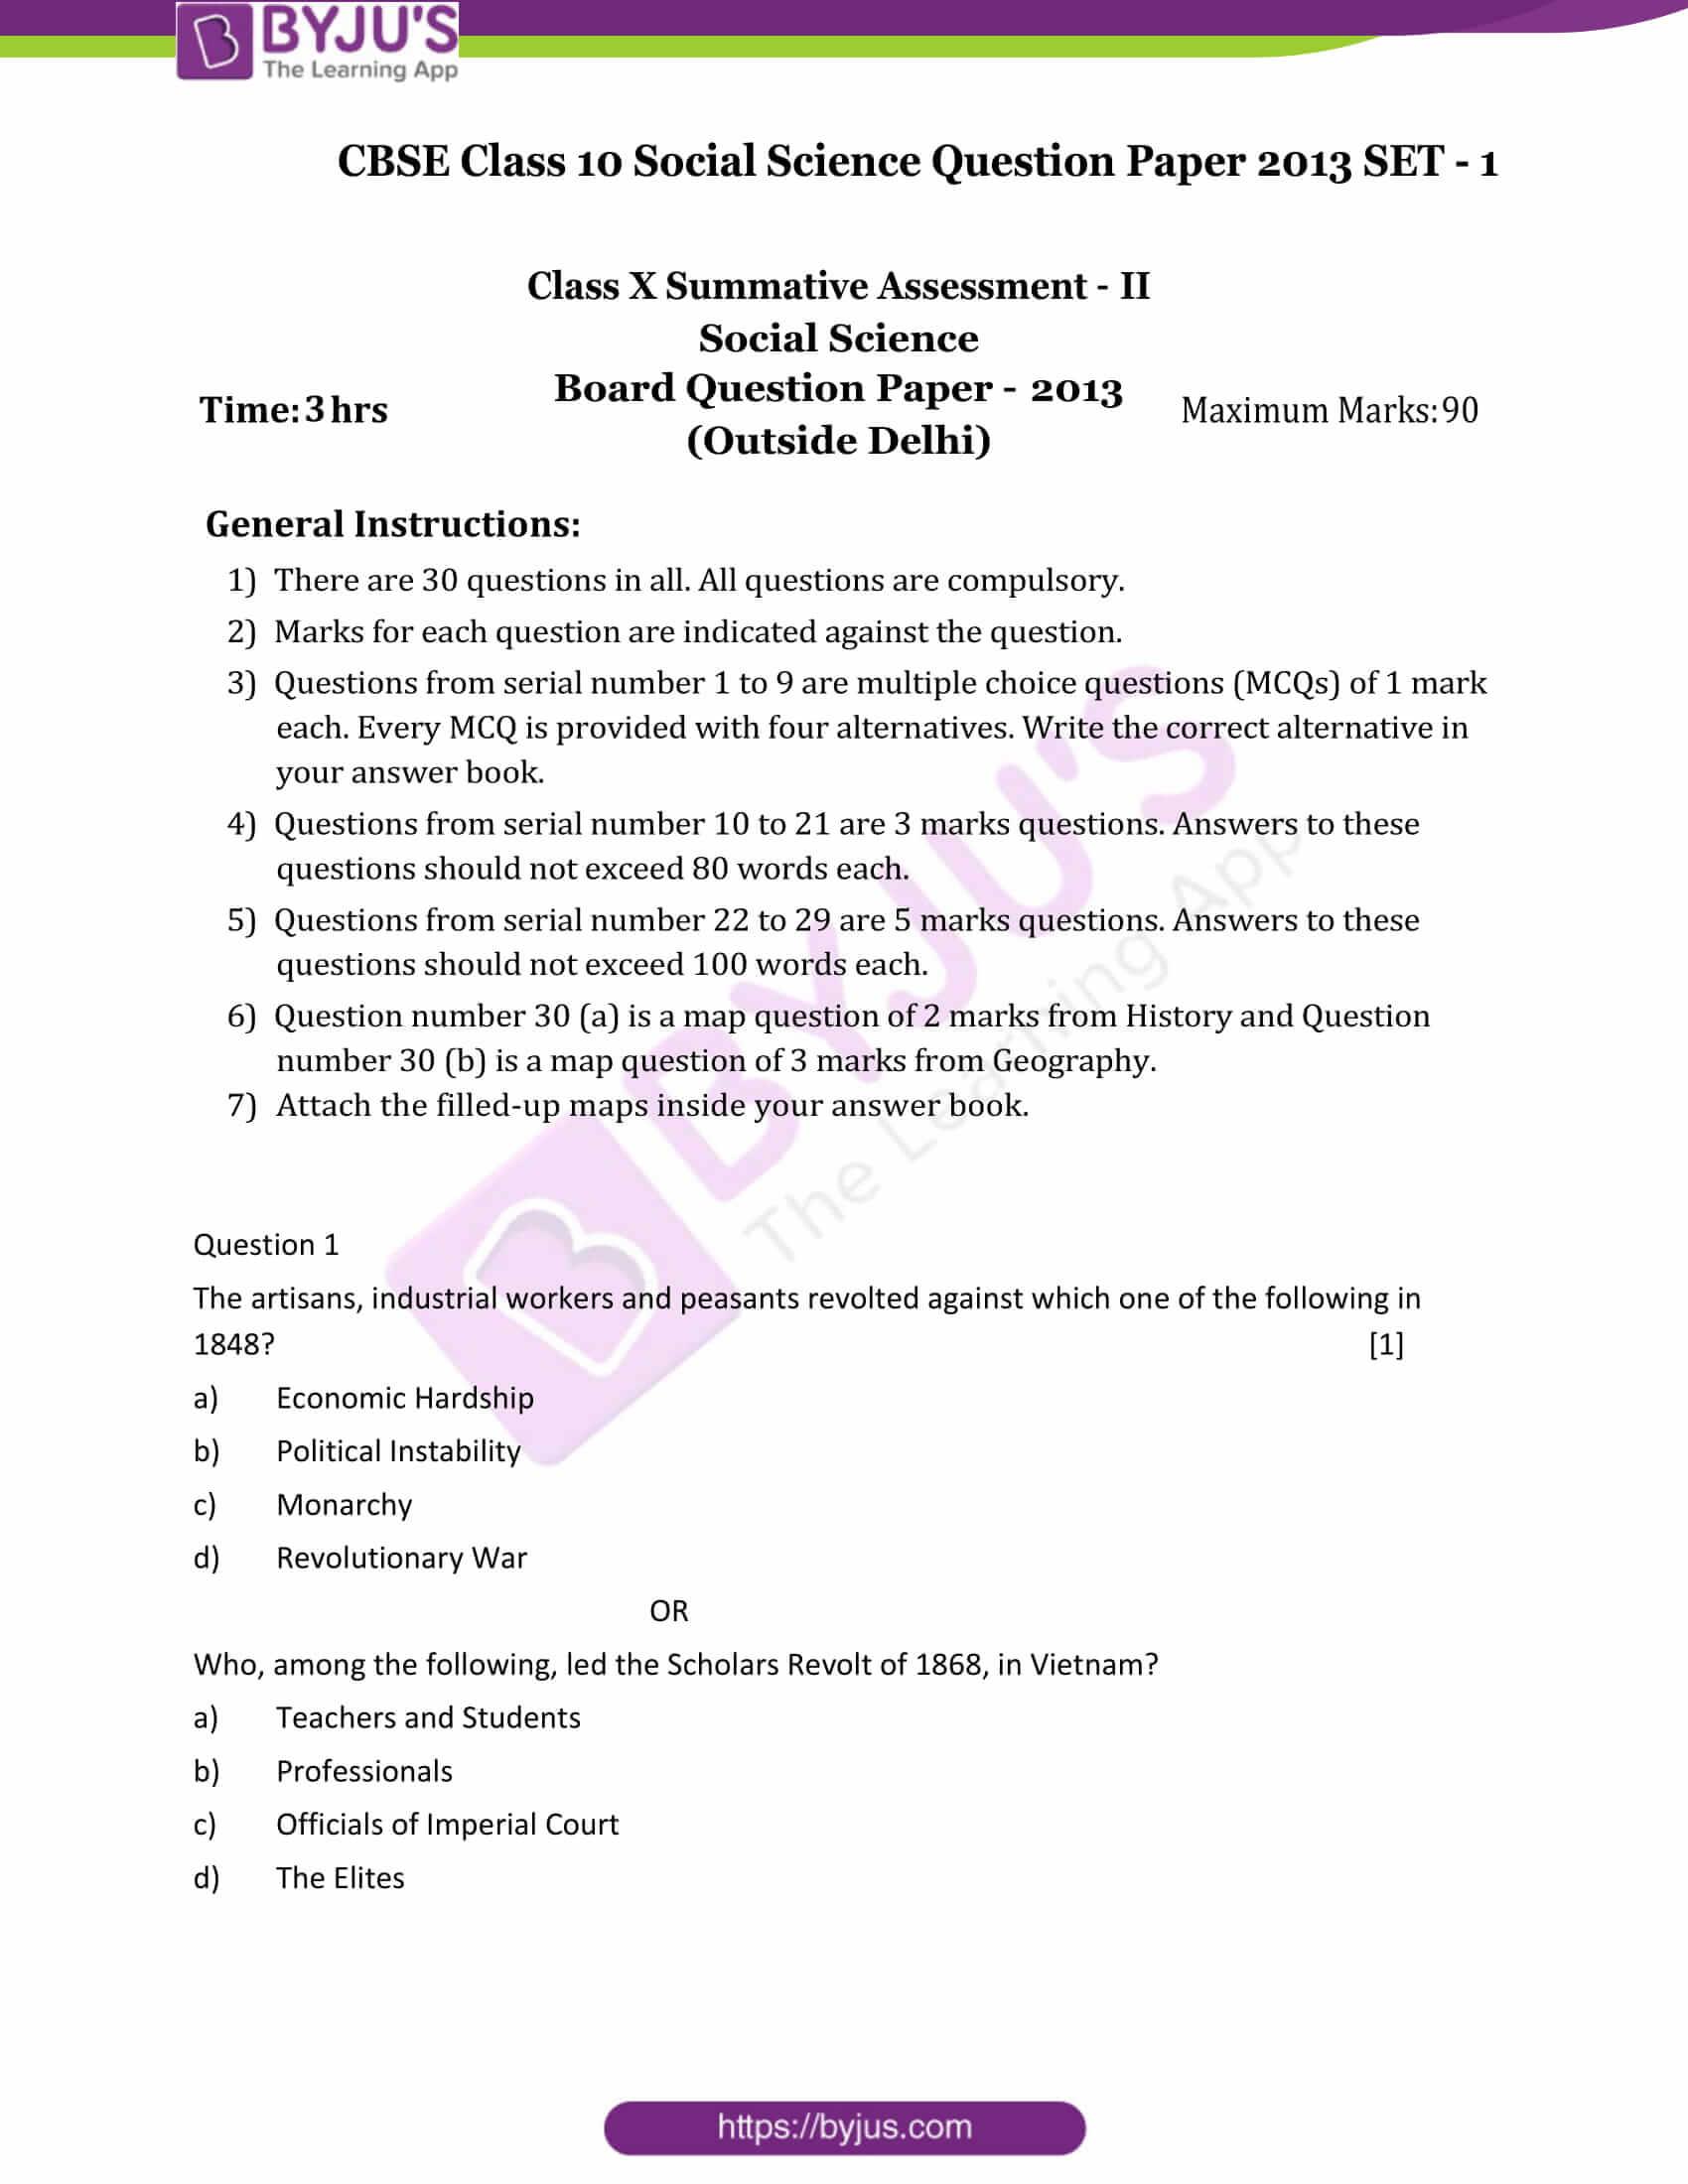 cbse class 10 ss qn paper 2013 set 1